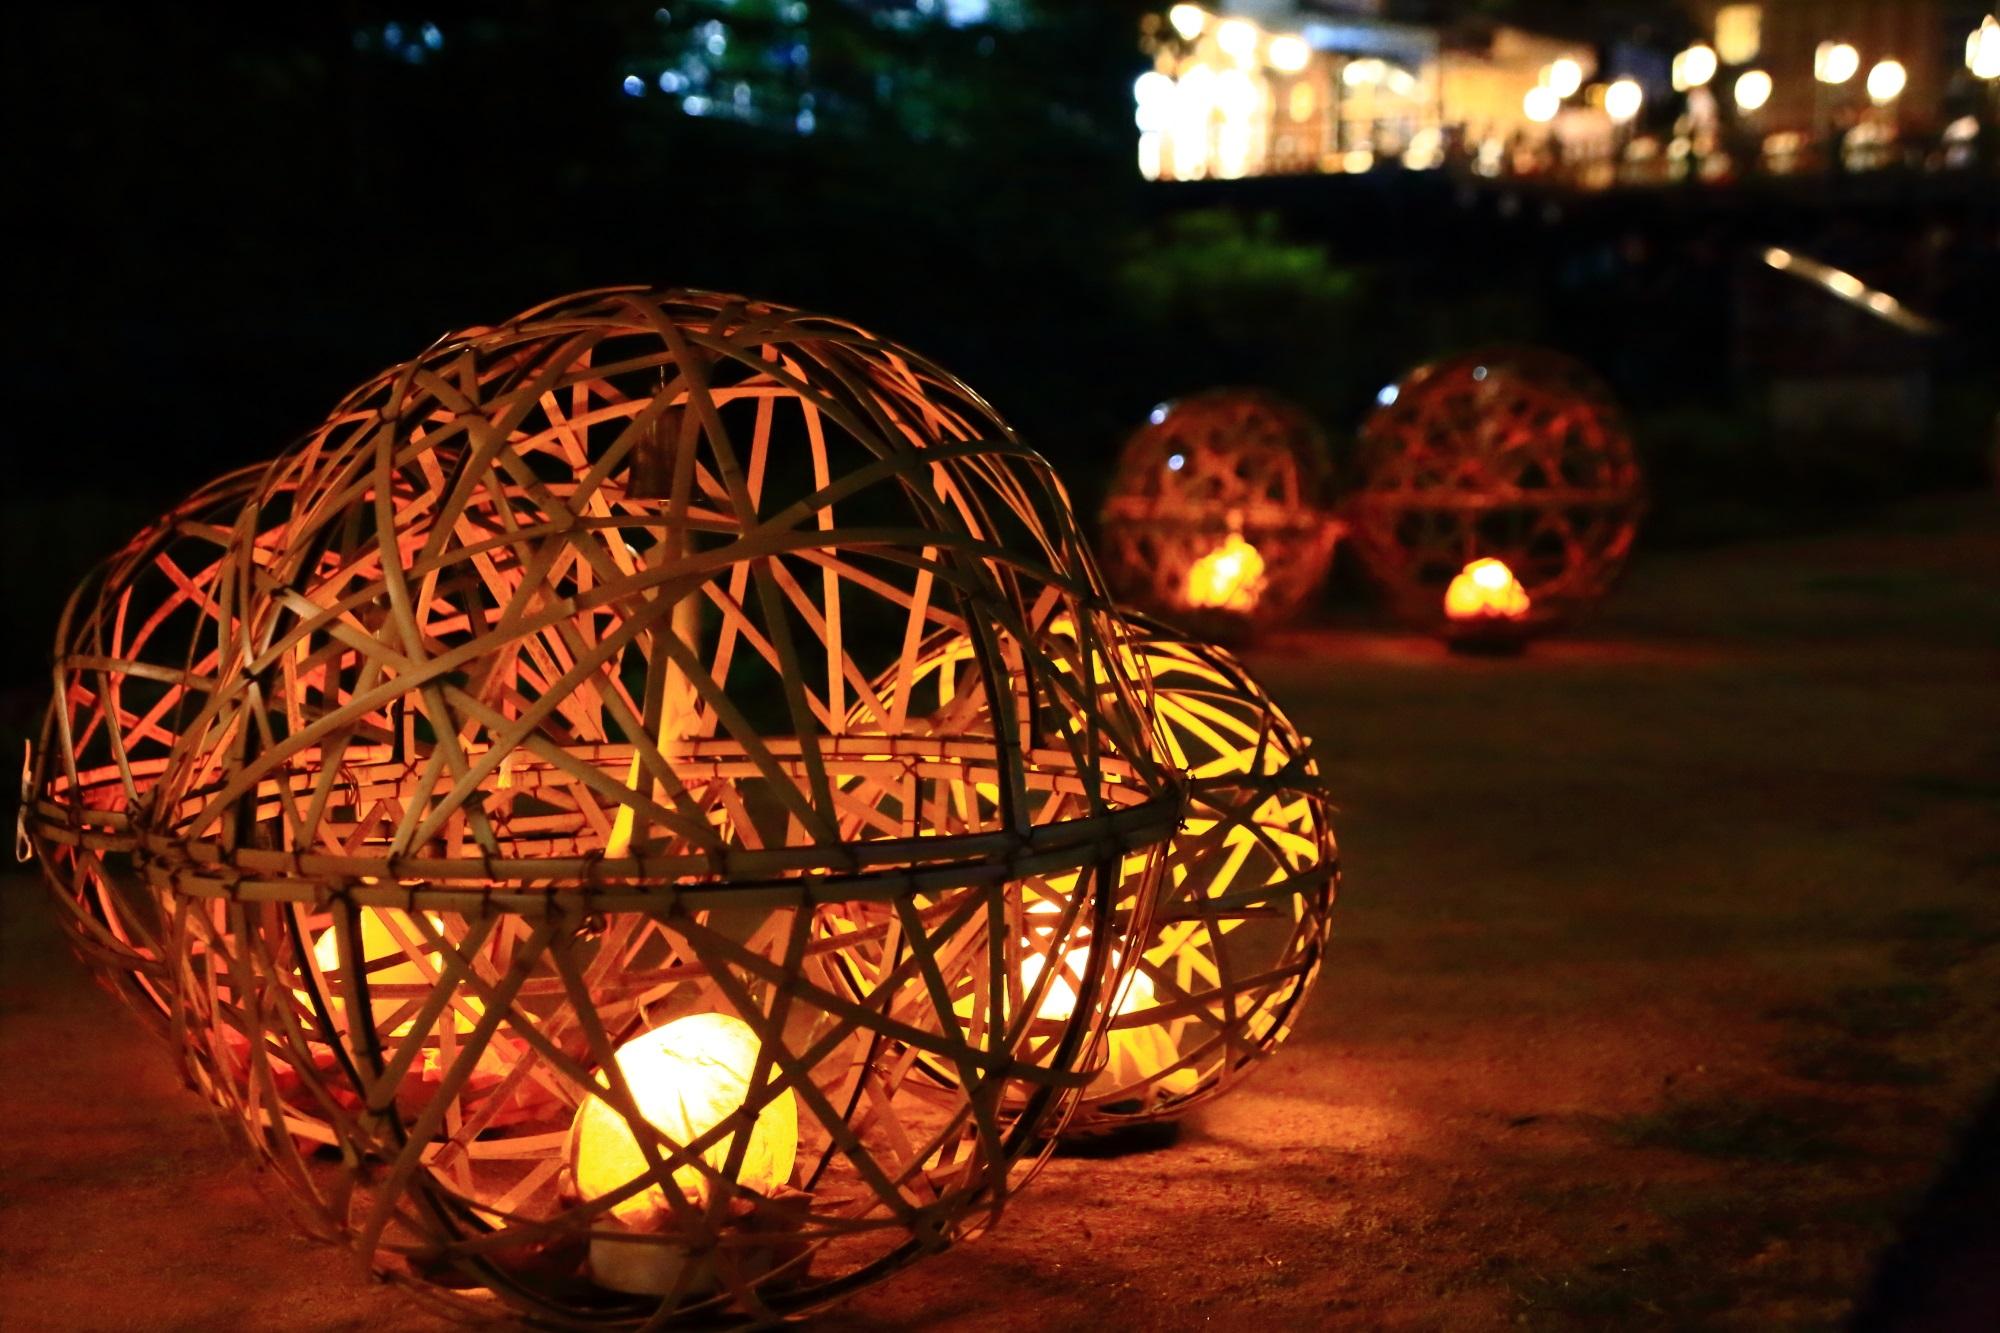 夏の風物詩の京の七夕鴨川会場の情緒ある風鈴灯